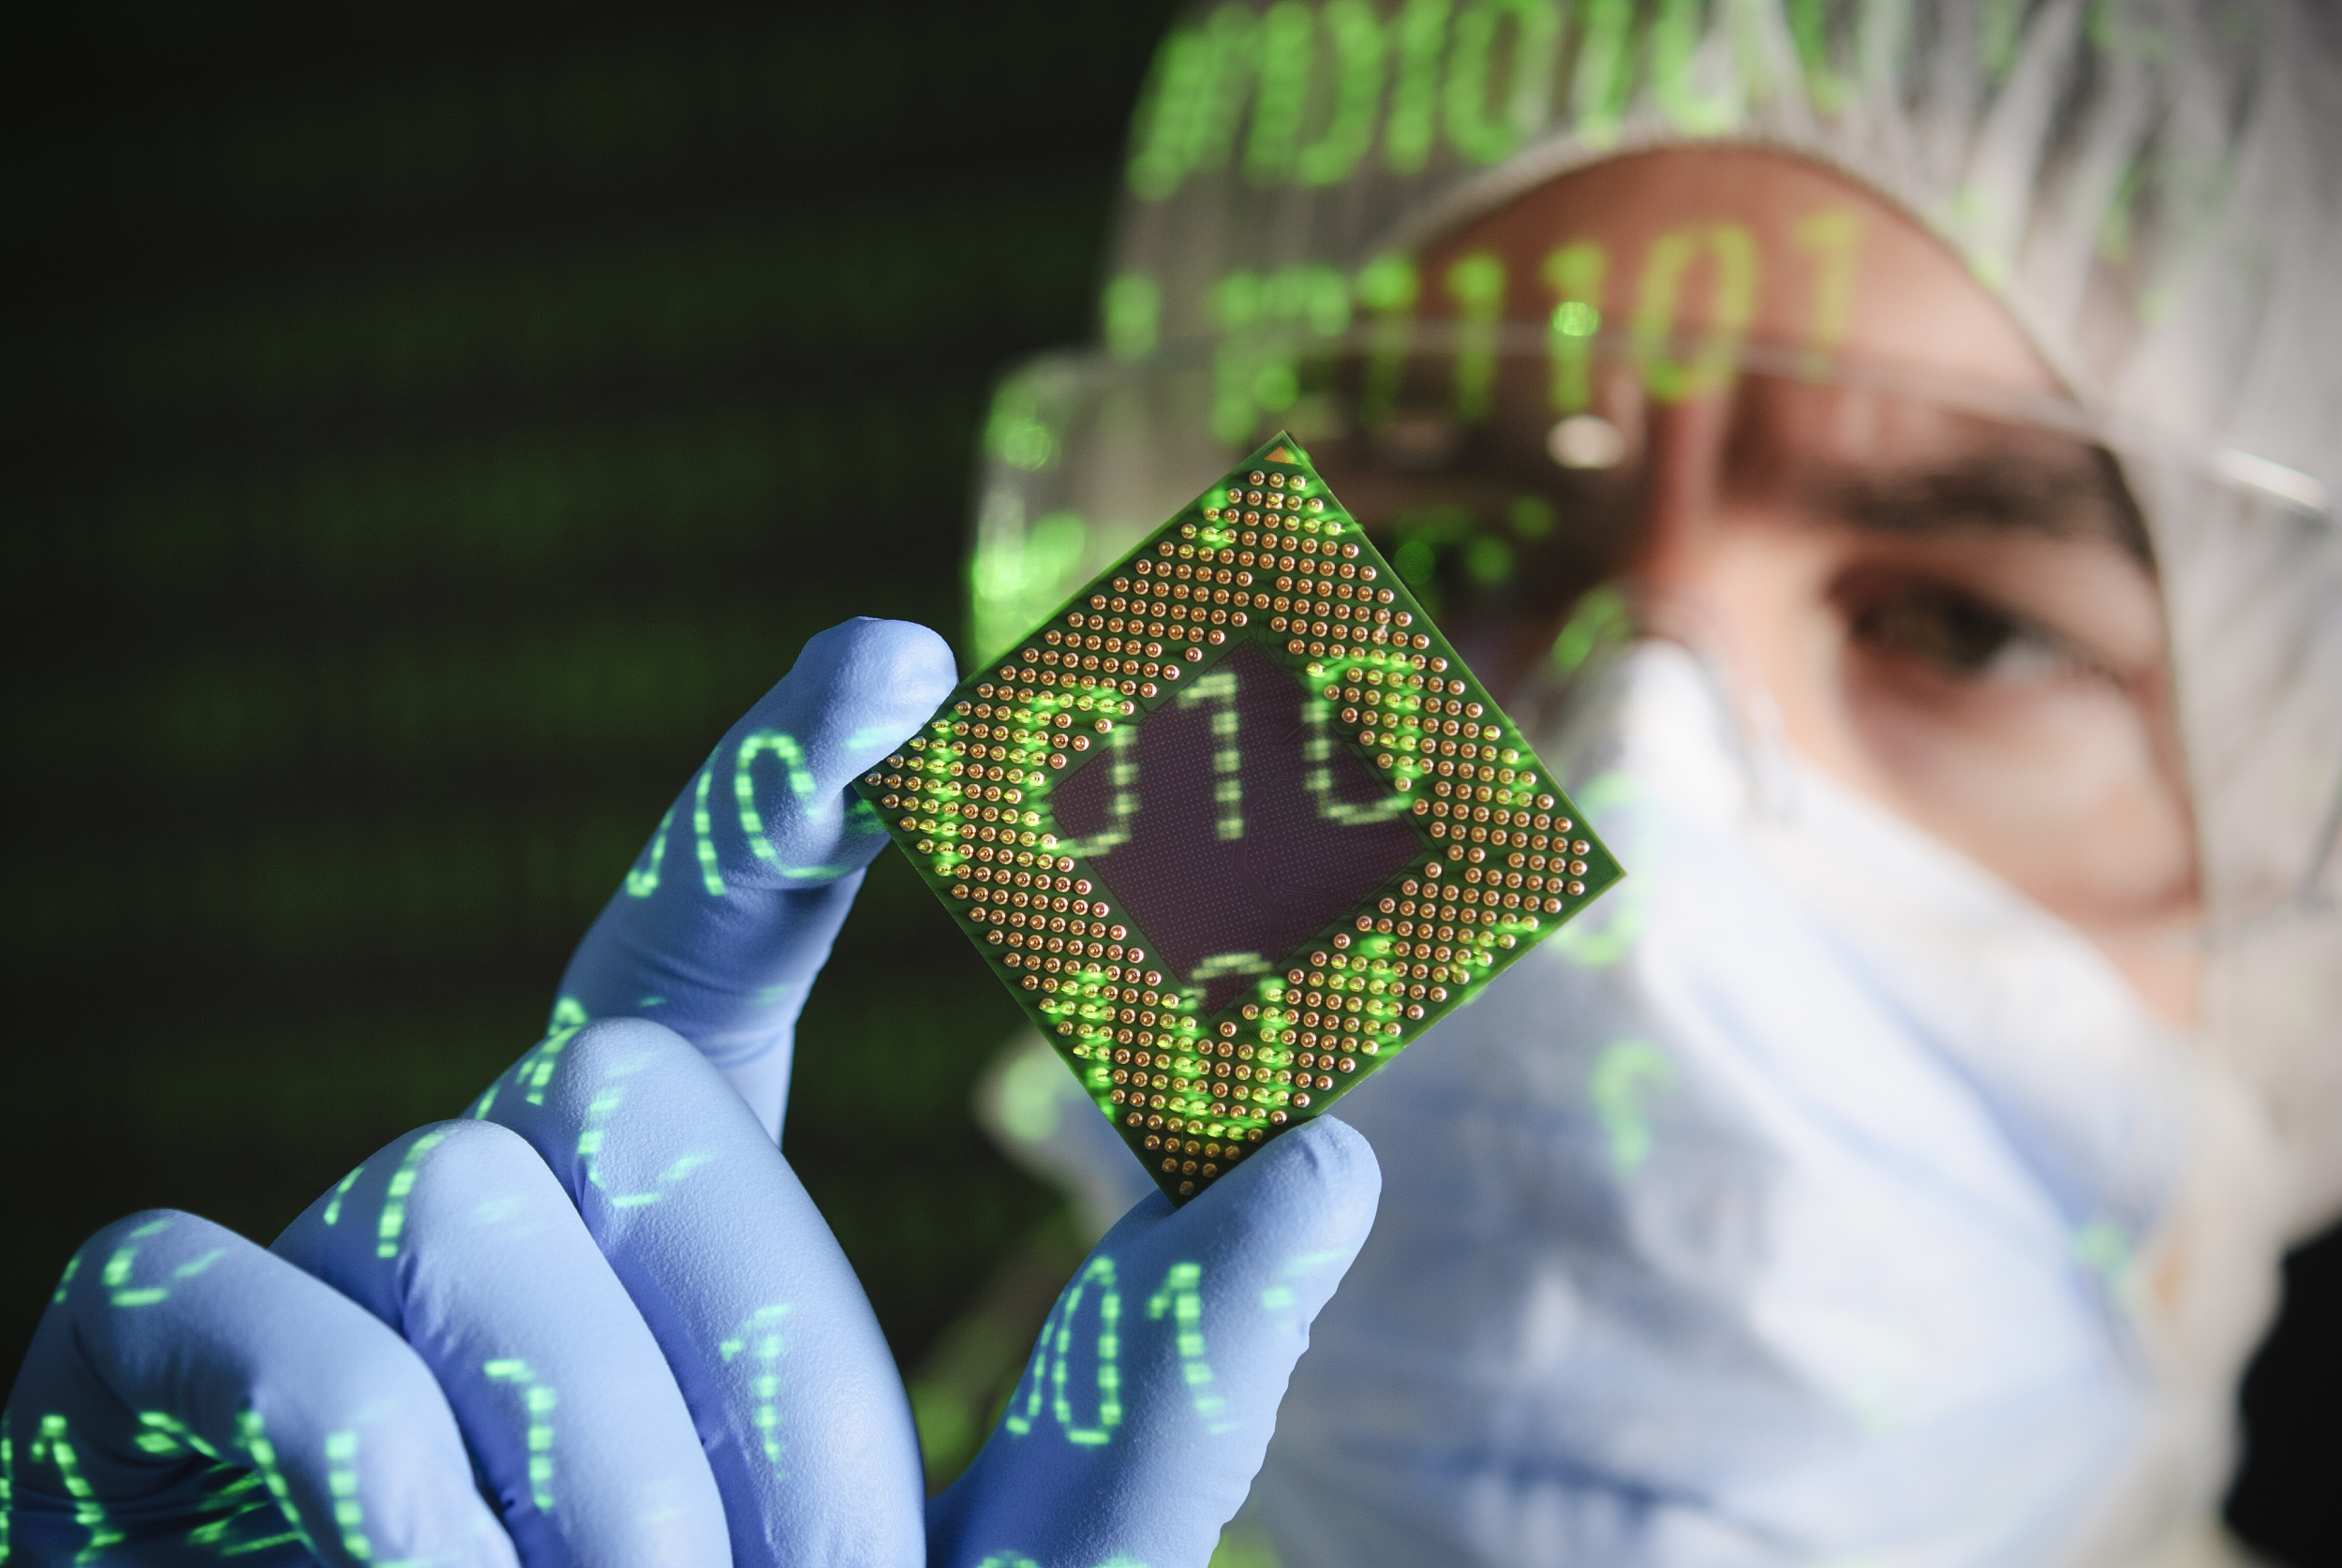 全球芯片投资狂潮!韩国之后 美参议员拟公布520亿美元芯片投资计划